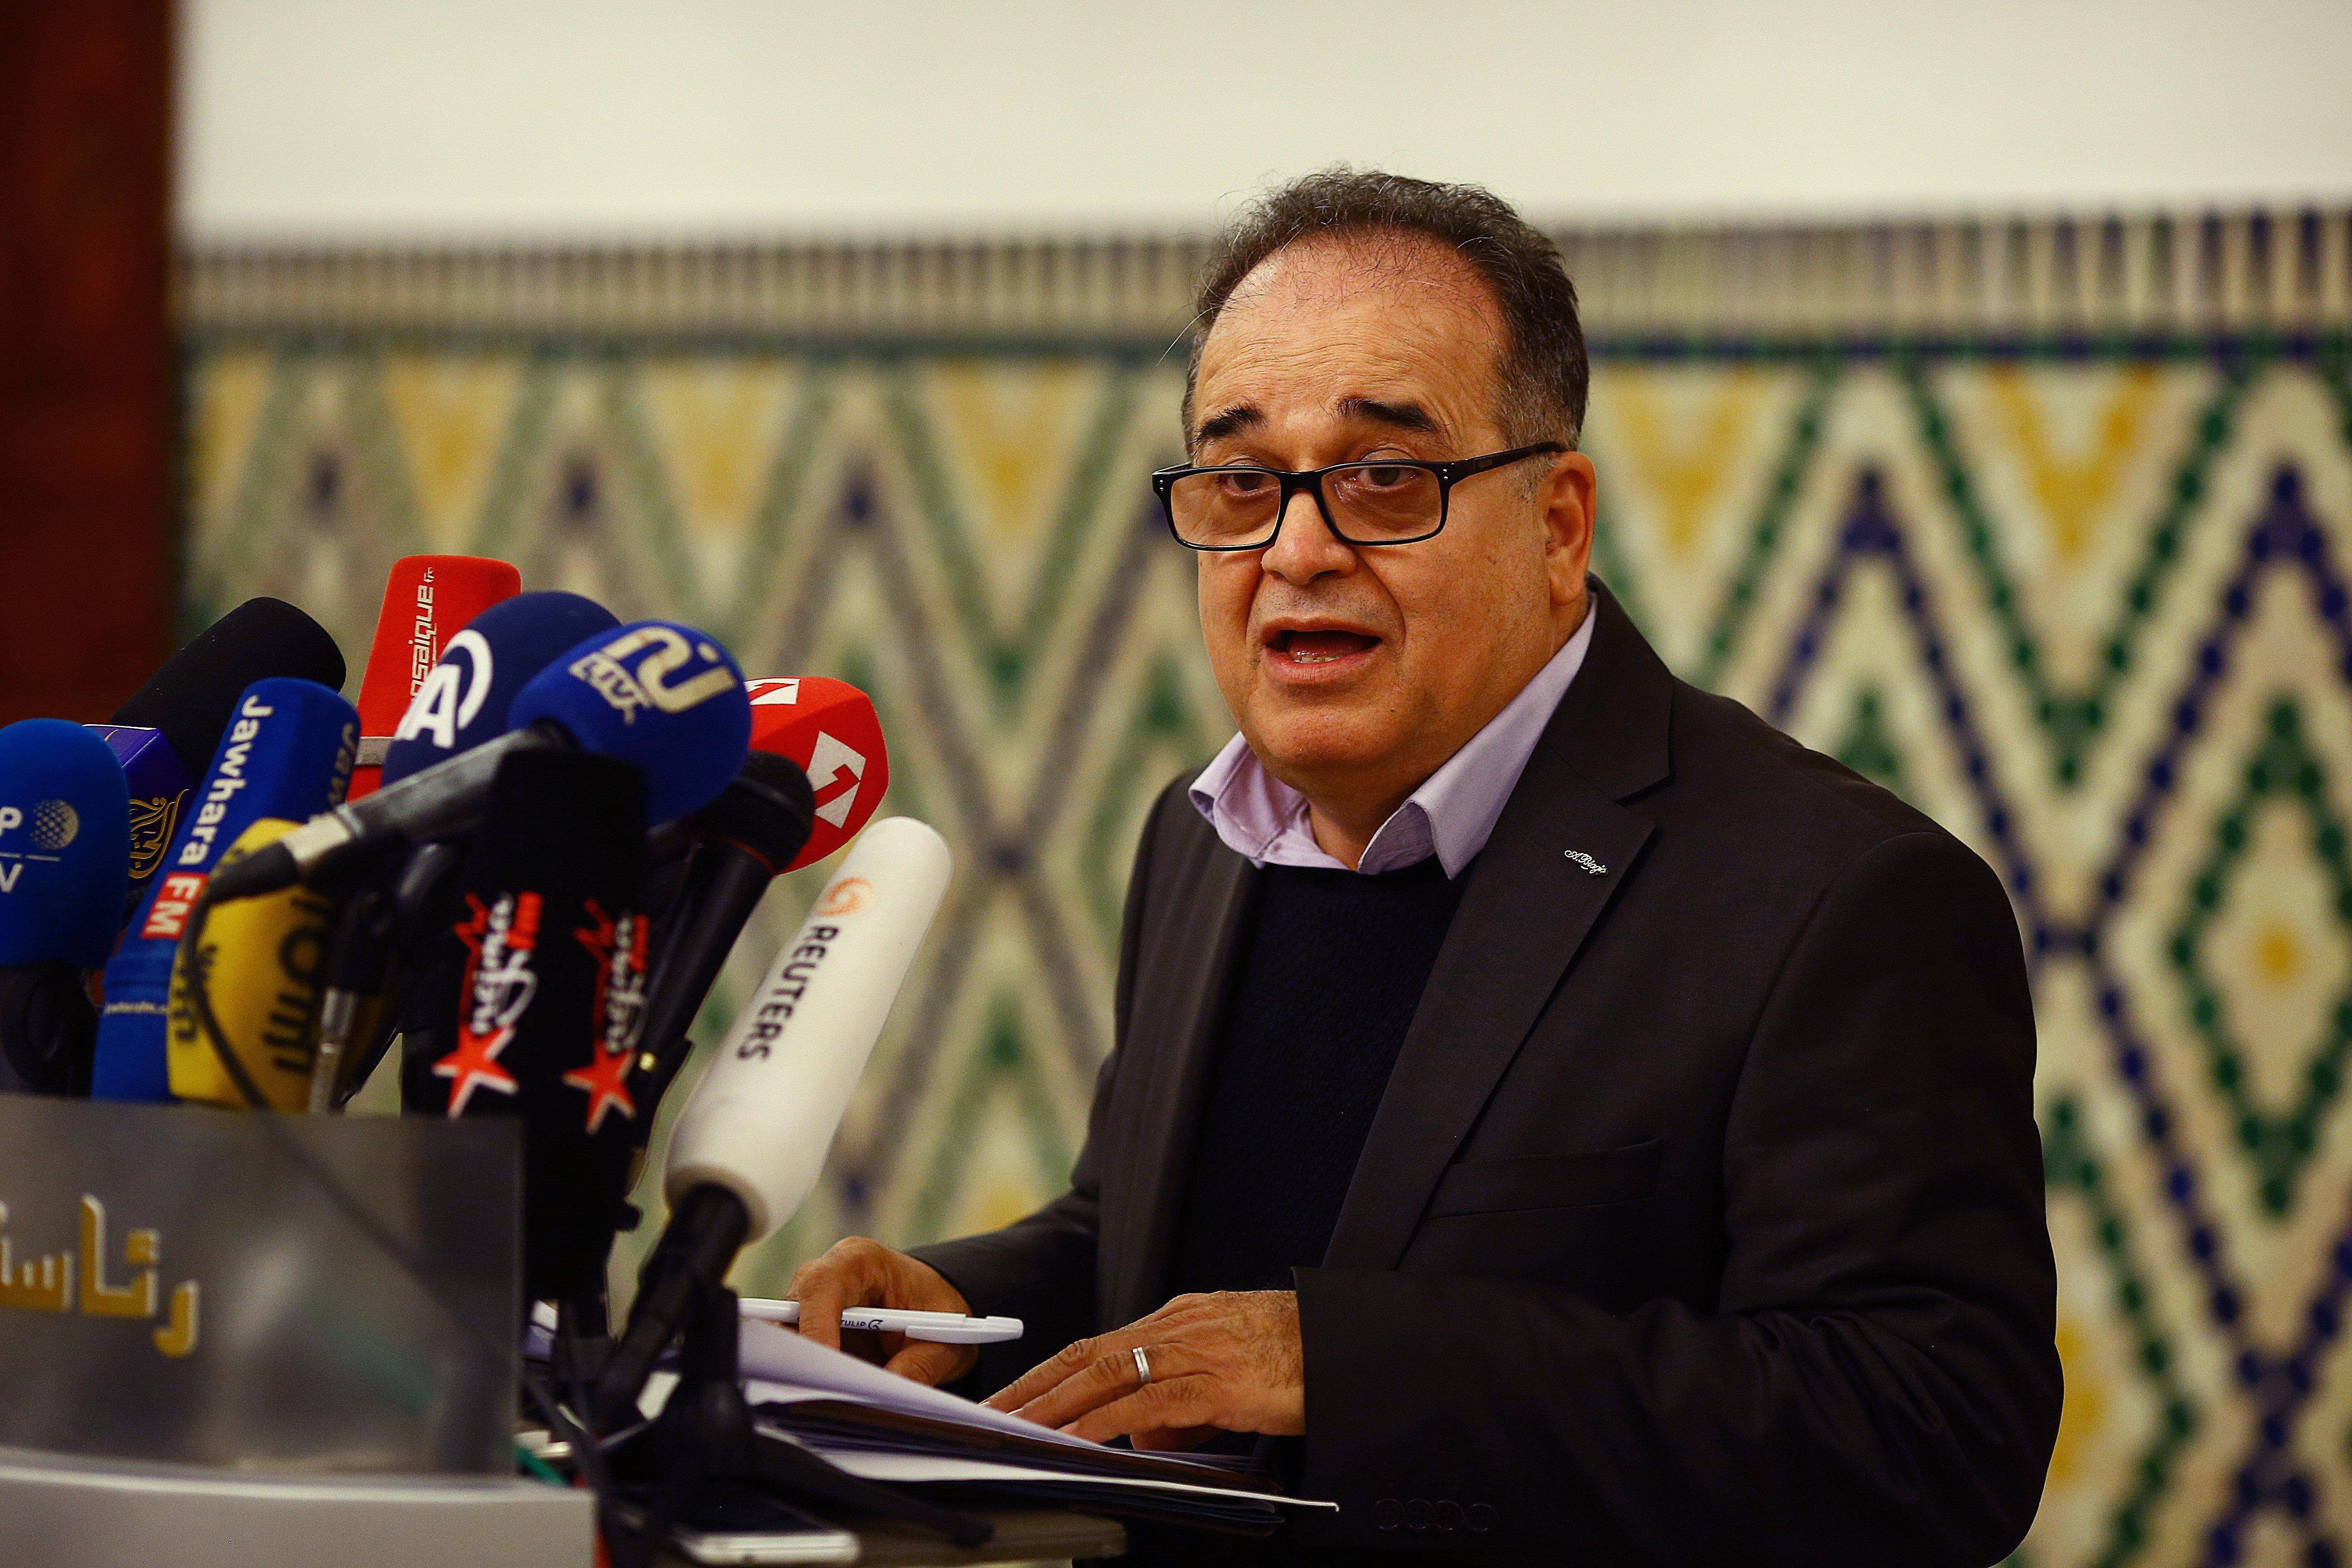 Le ministre des Affaires sociales Mohamed Trabelsi agressé physiquement pour avoir secouru un enfant exploité